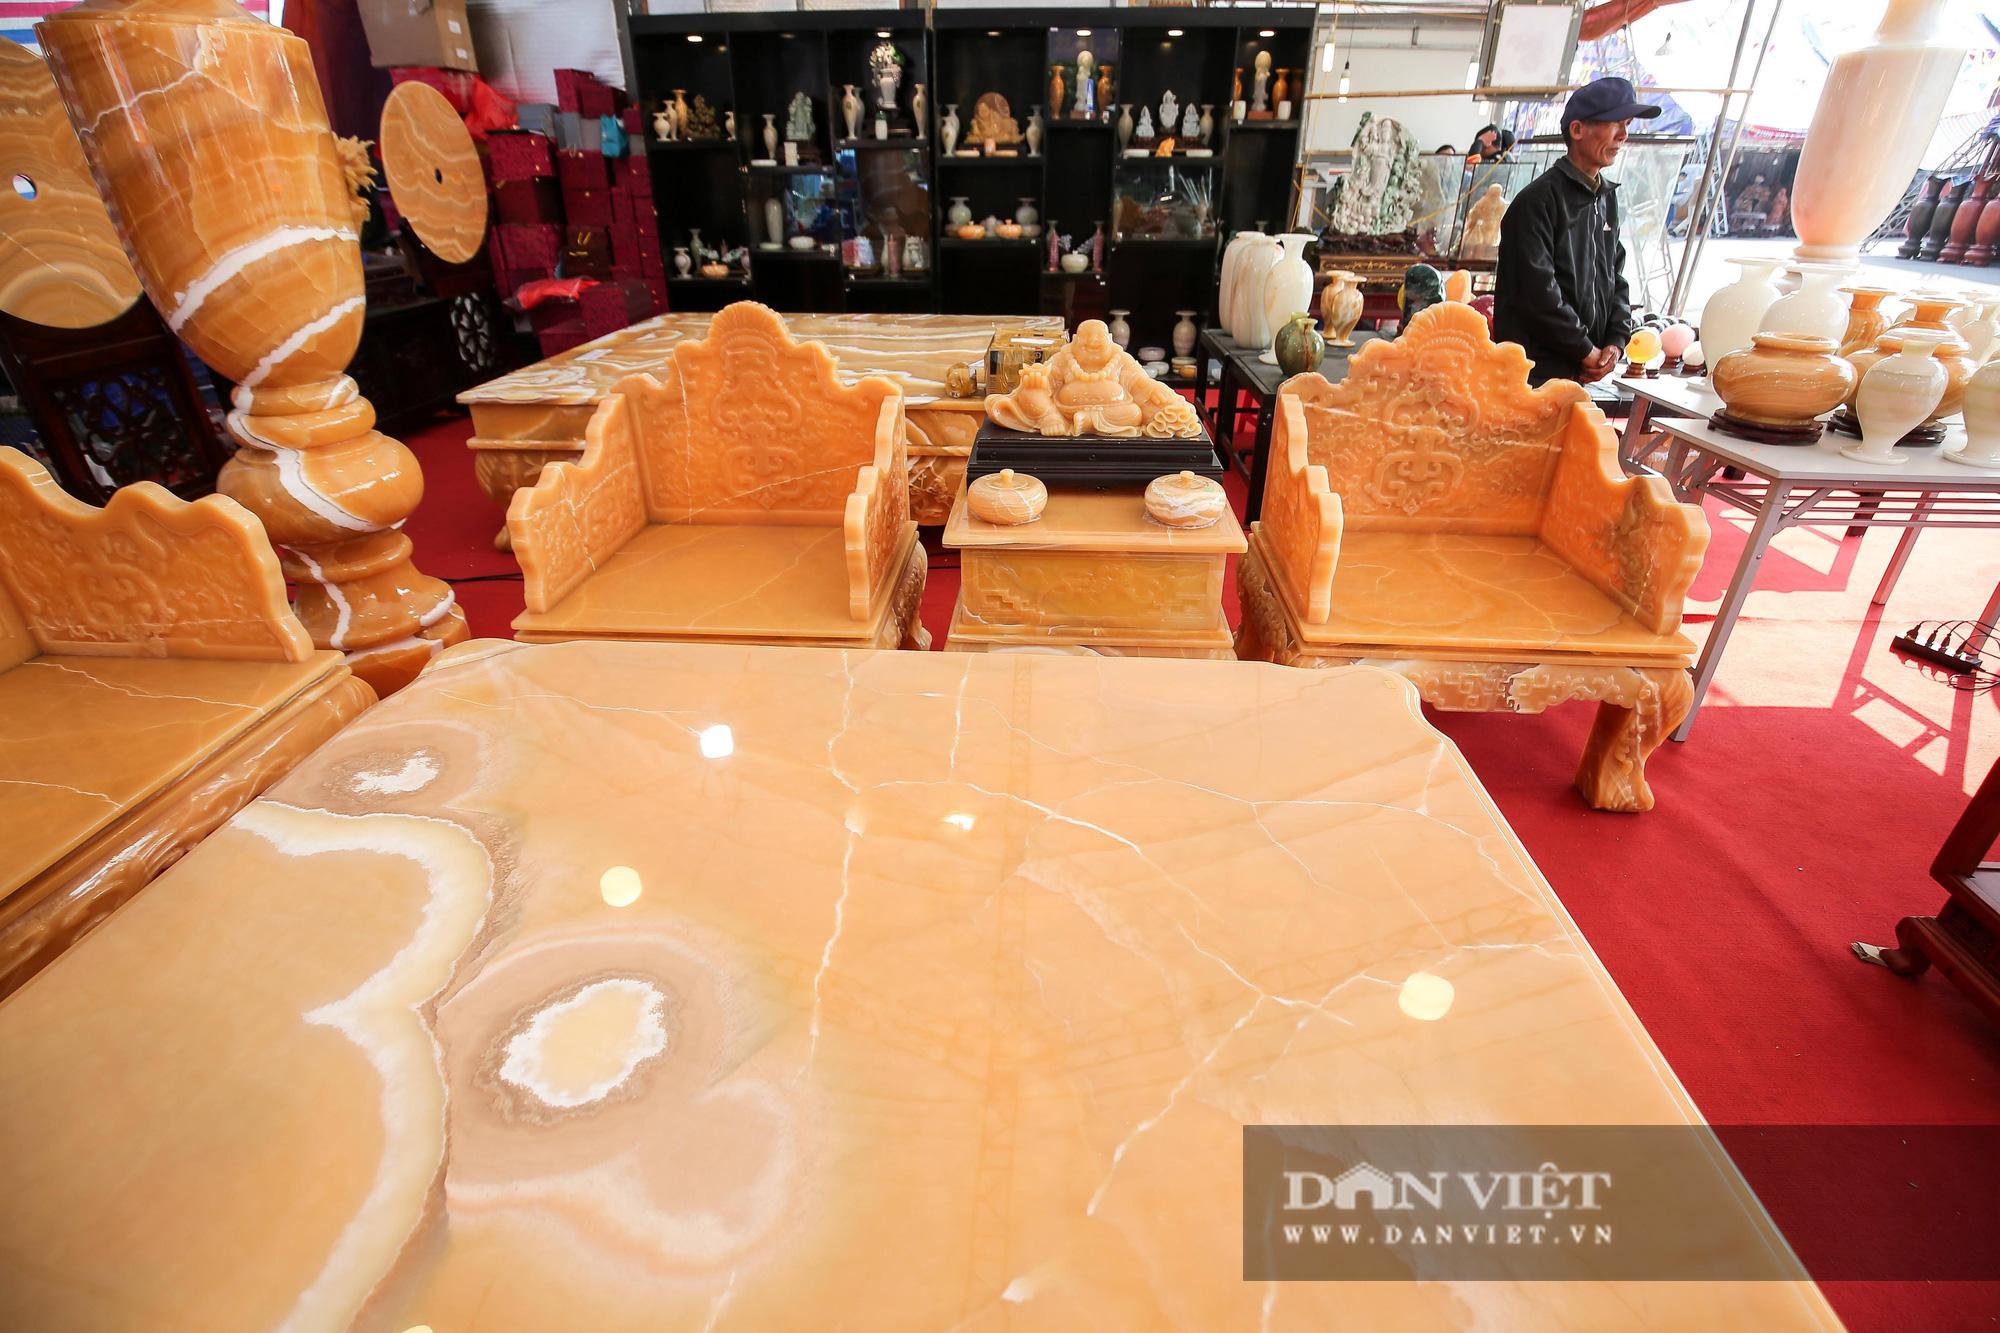 Xôn xao bộ bàn ghế làm bằng ngọc Hoàng Long giá tiền tỷ tại Hà Nội - Ảnh 5.